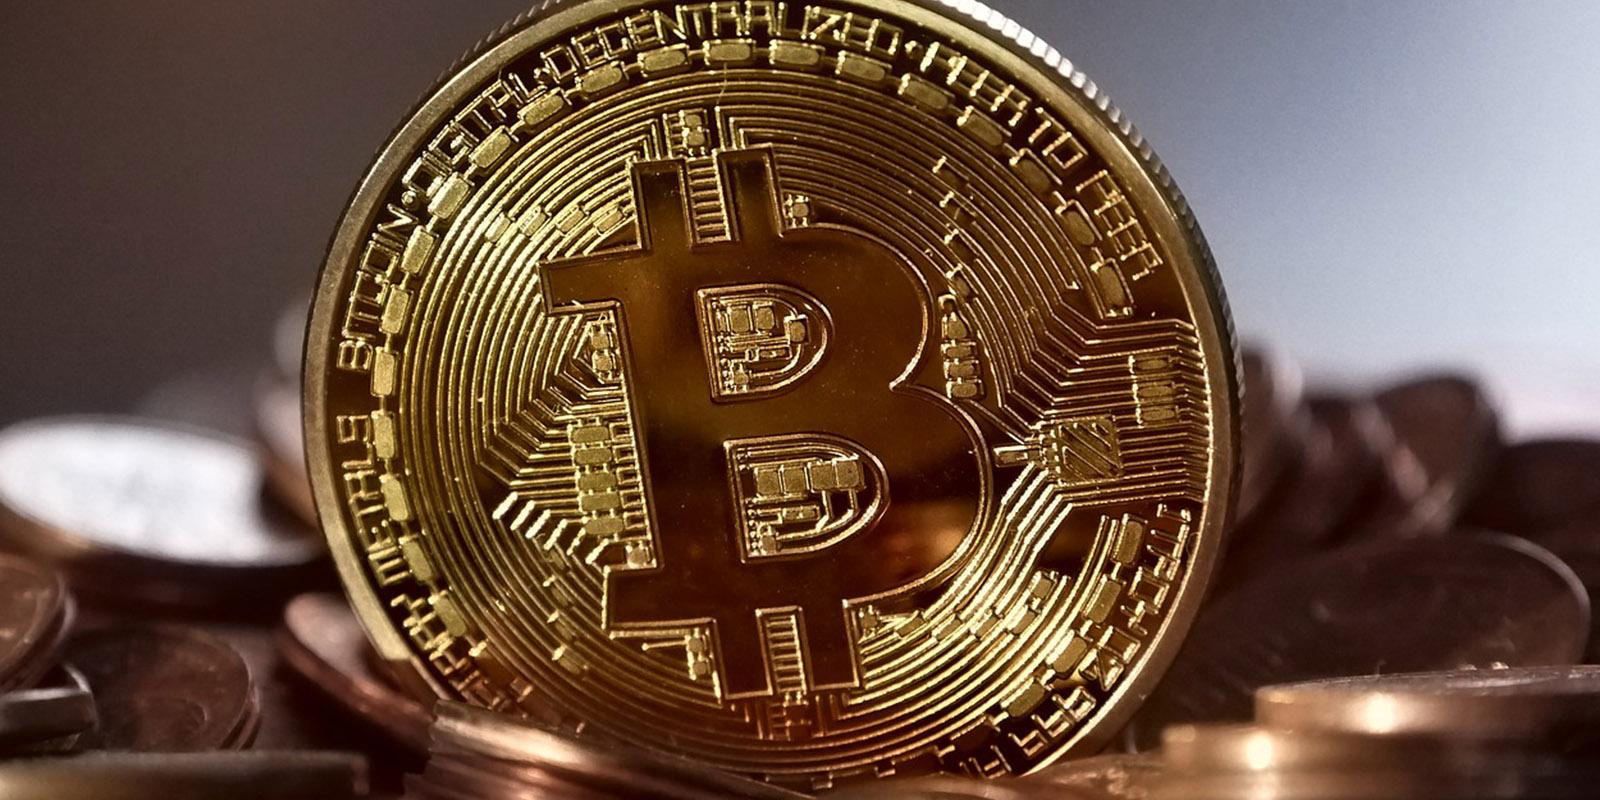 Le Bitcoin est-il vraiment utilisé dans les pays en crise ?